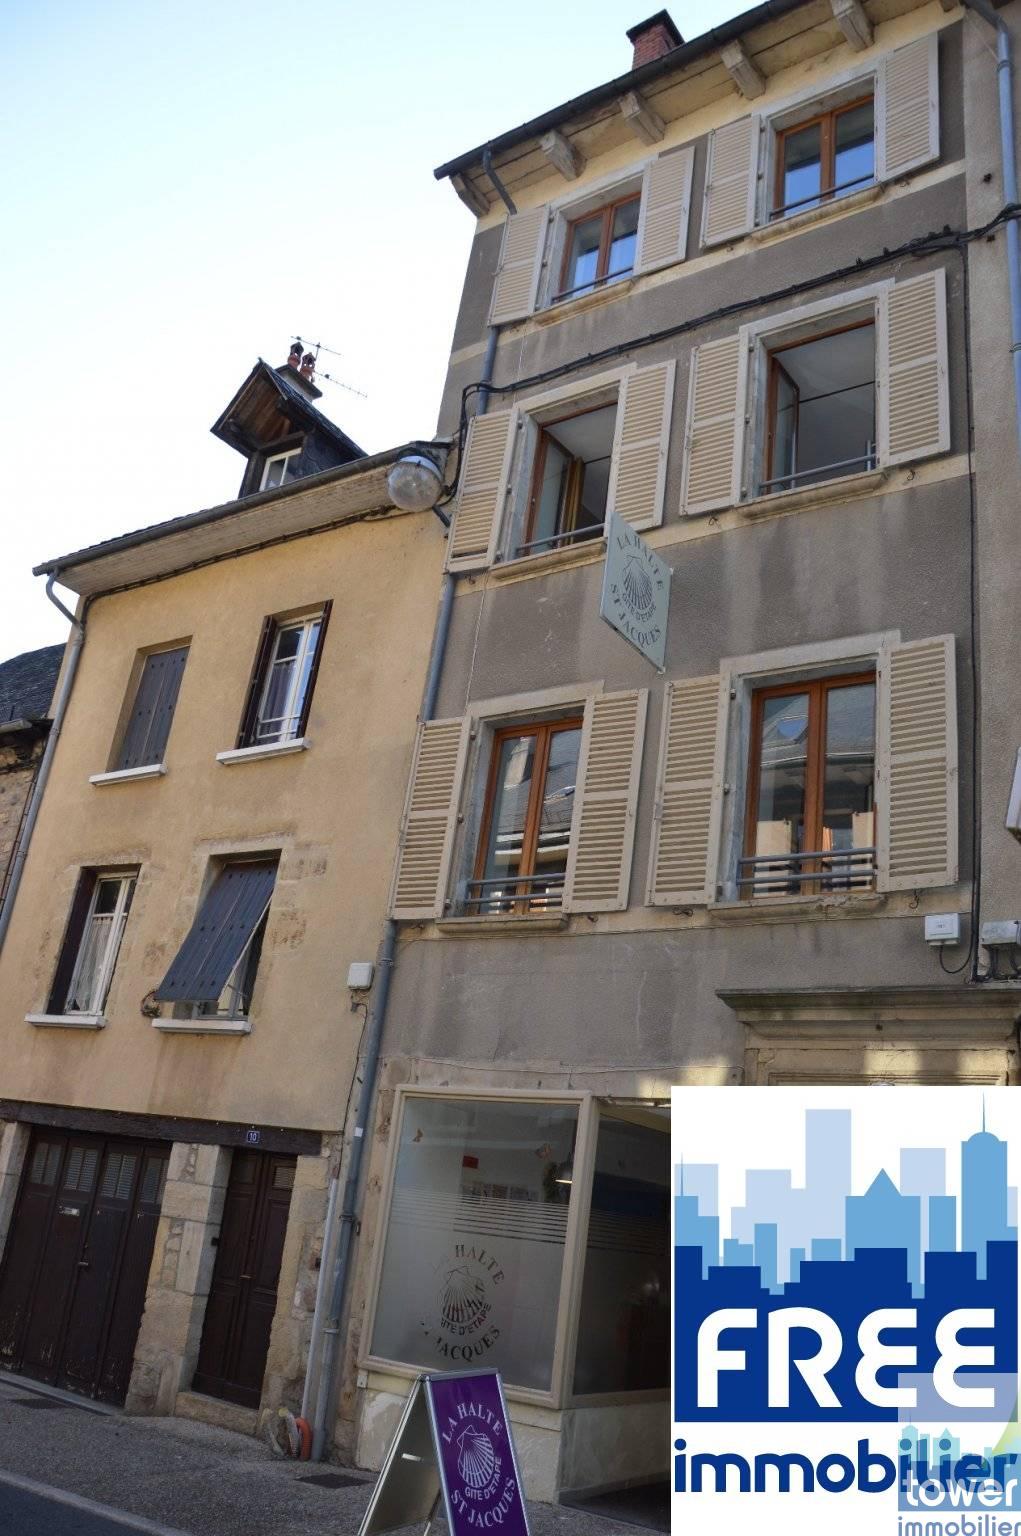 Vente Immobilier Professionnel Murs commerciaux Espalion (12500)